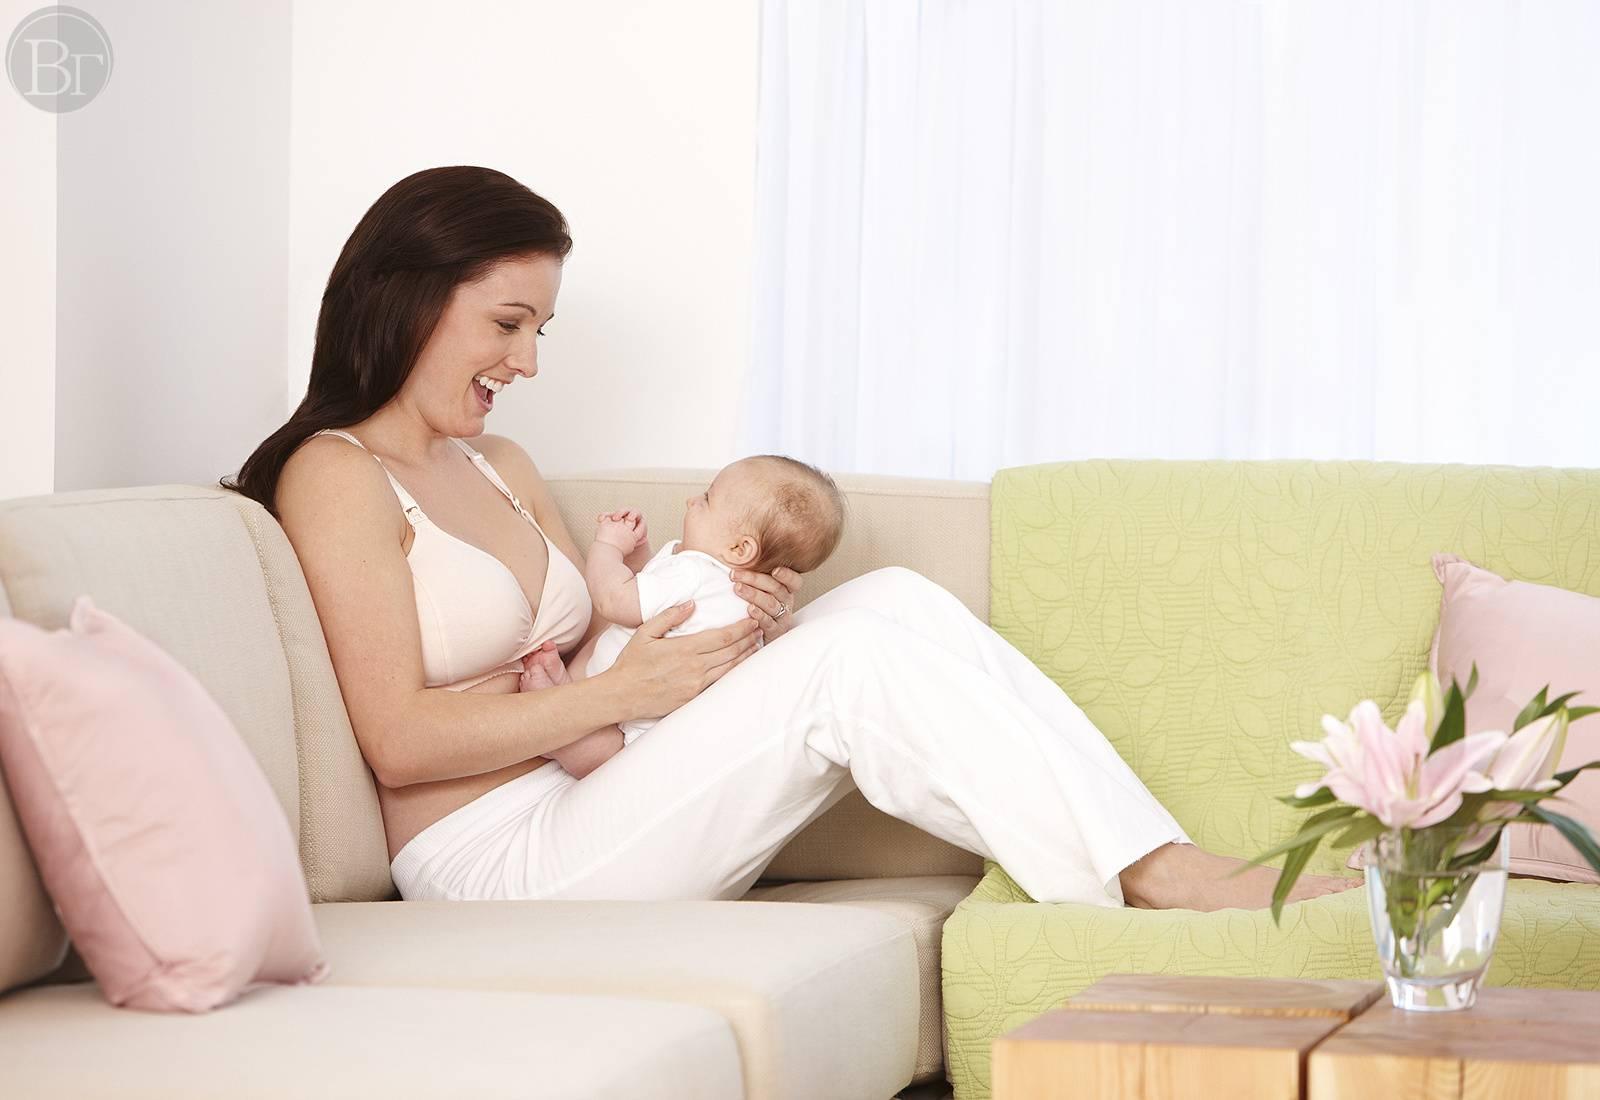 Как правильно подготовиться к грудному вскармливанию во время беременности • центр гинекологии в санкт-петербурге